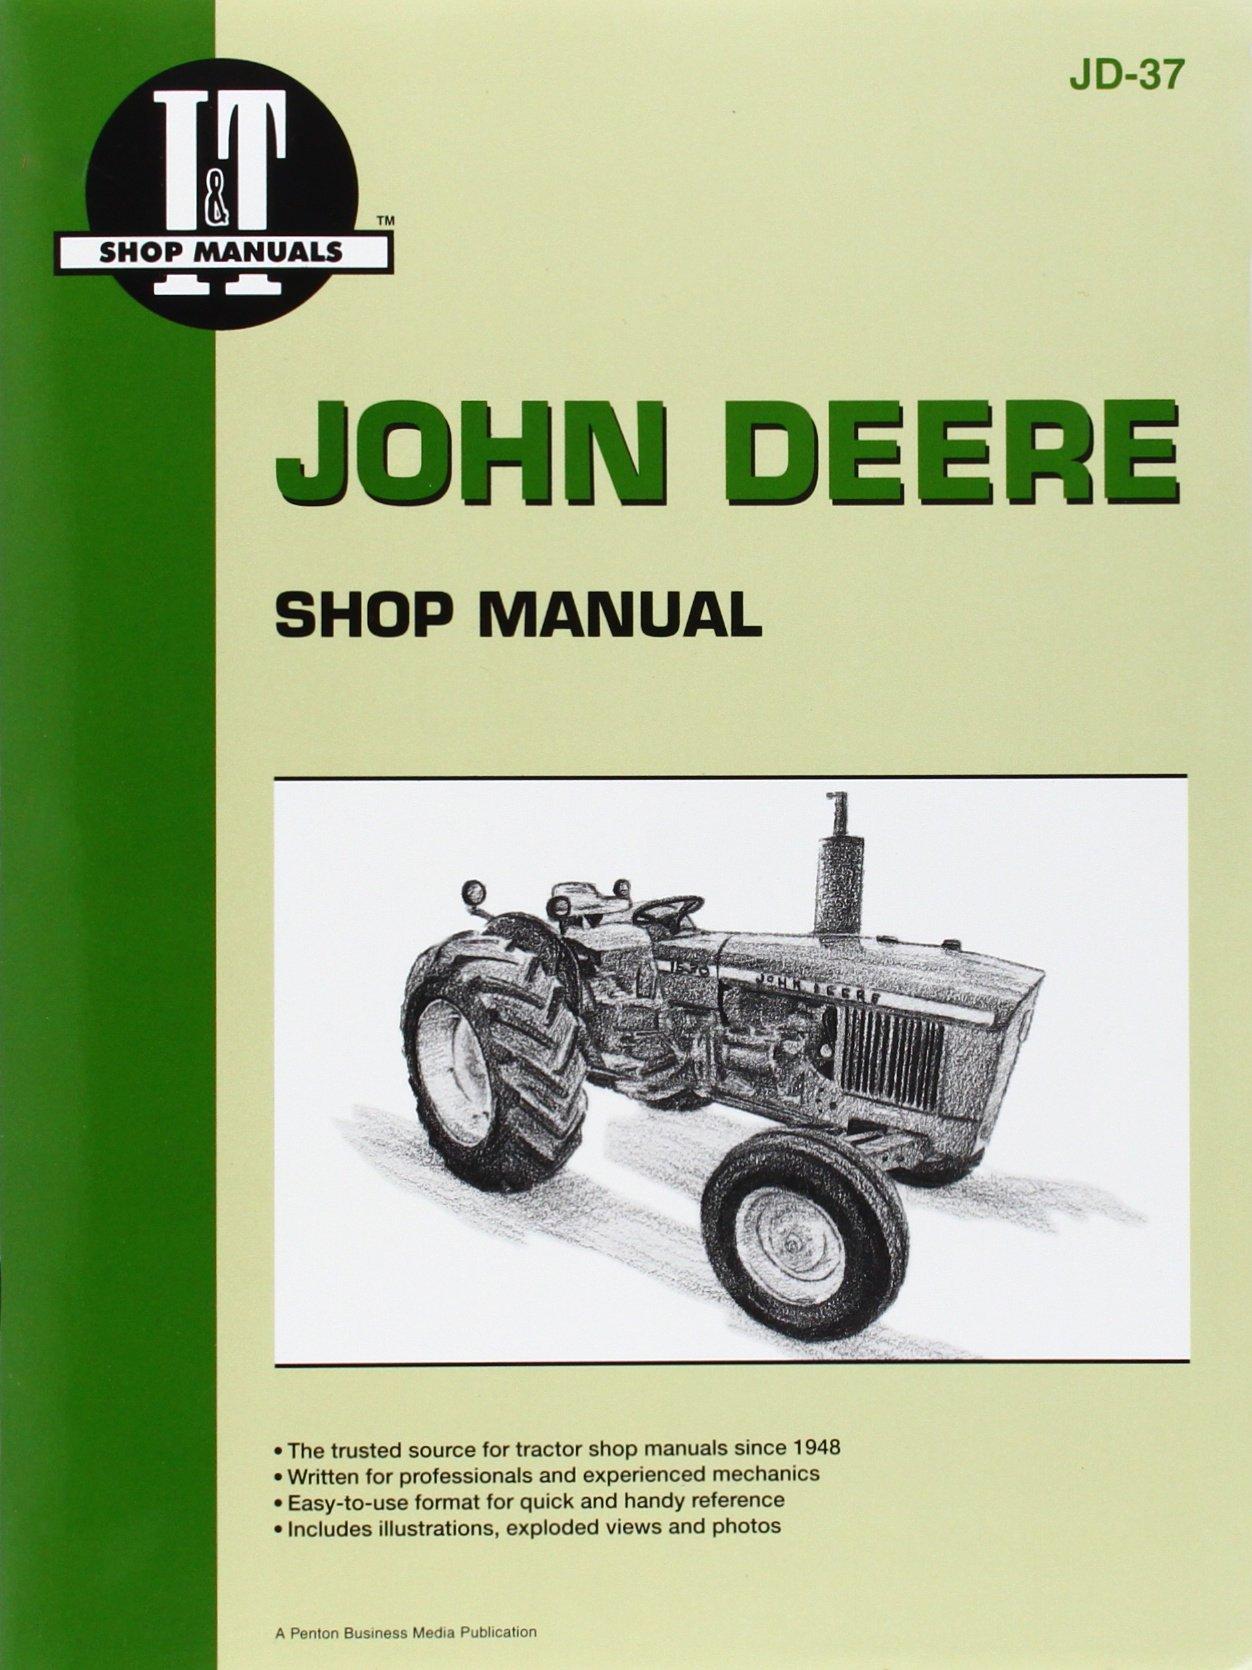 John deere 1020 manual pdf.